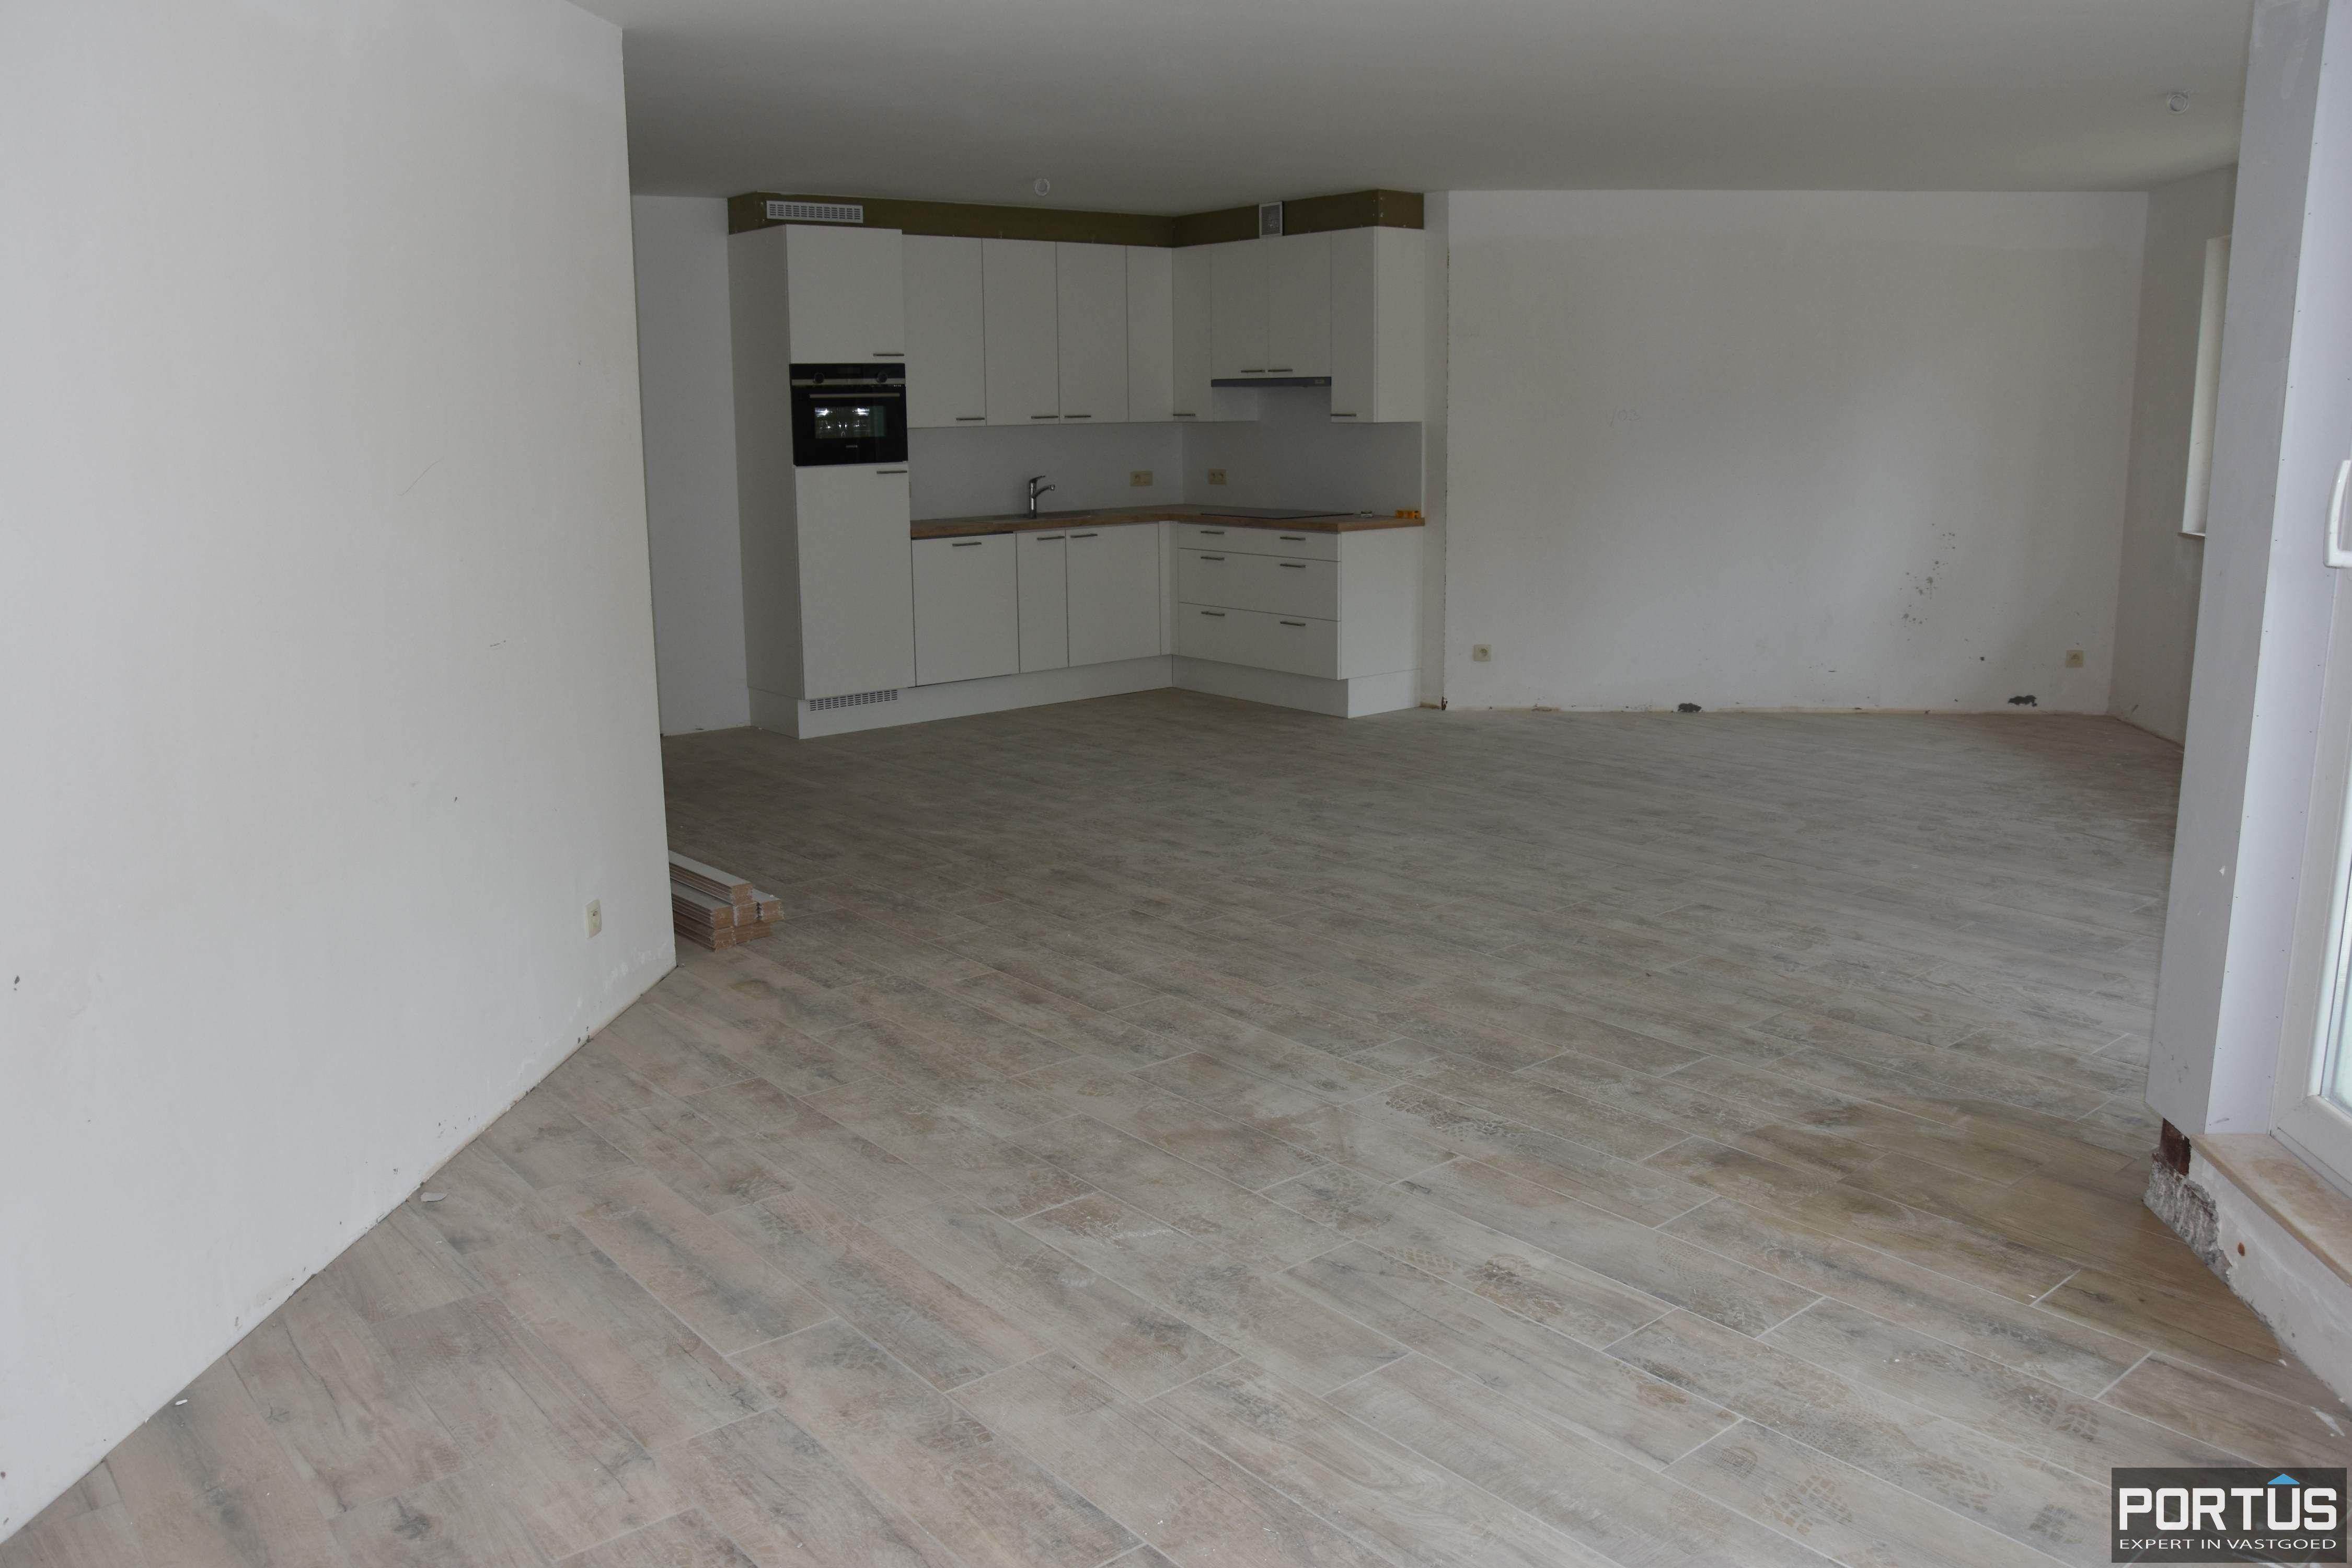 Appartement Residentie Villa Crombez Nieuwpoort - 8365